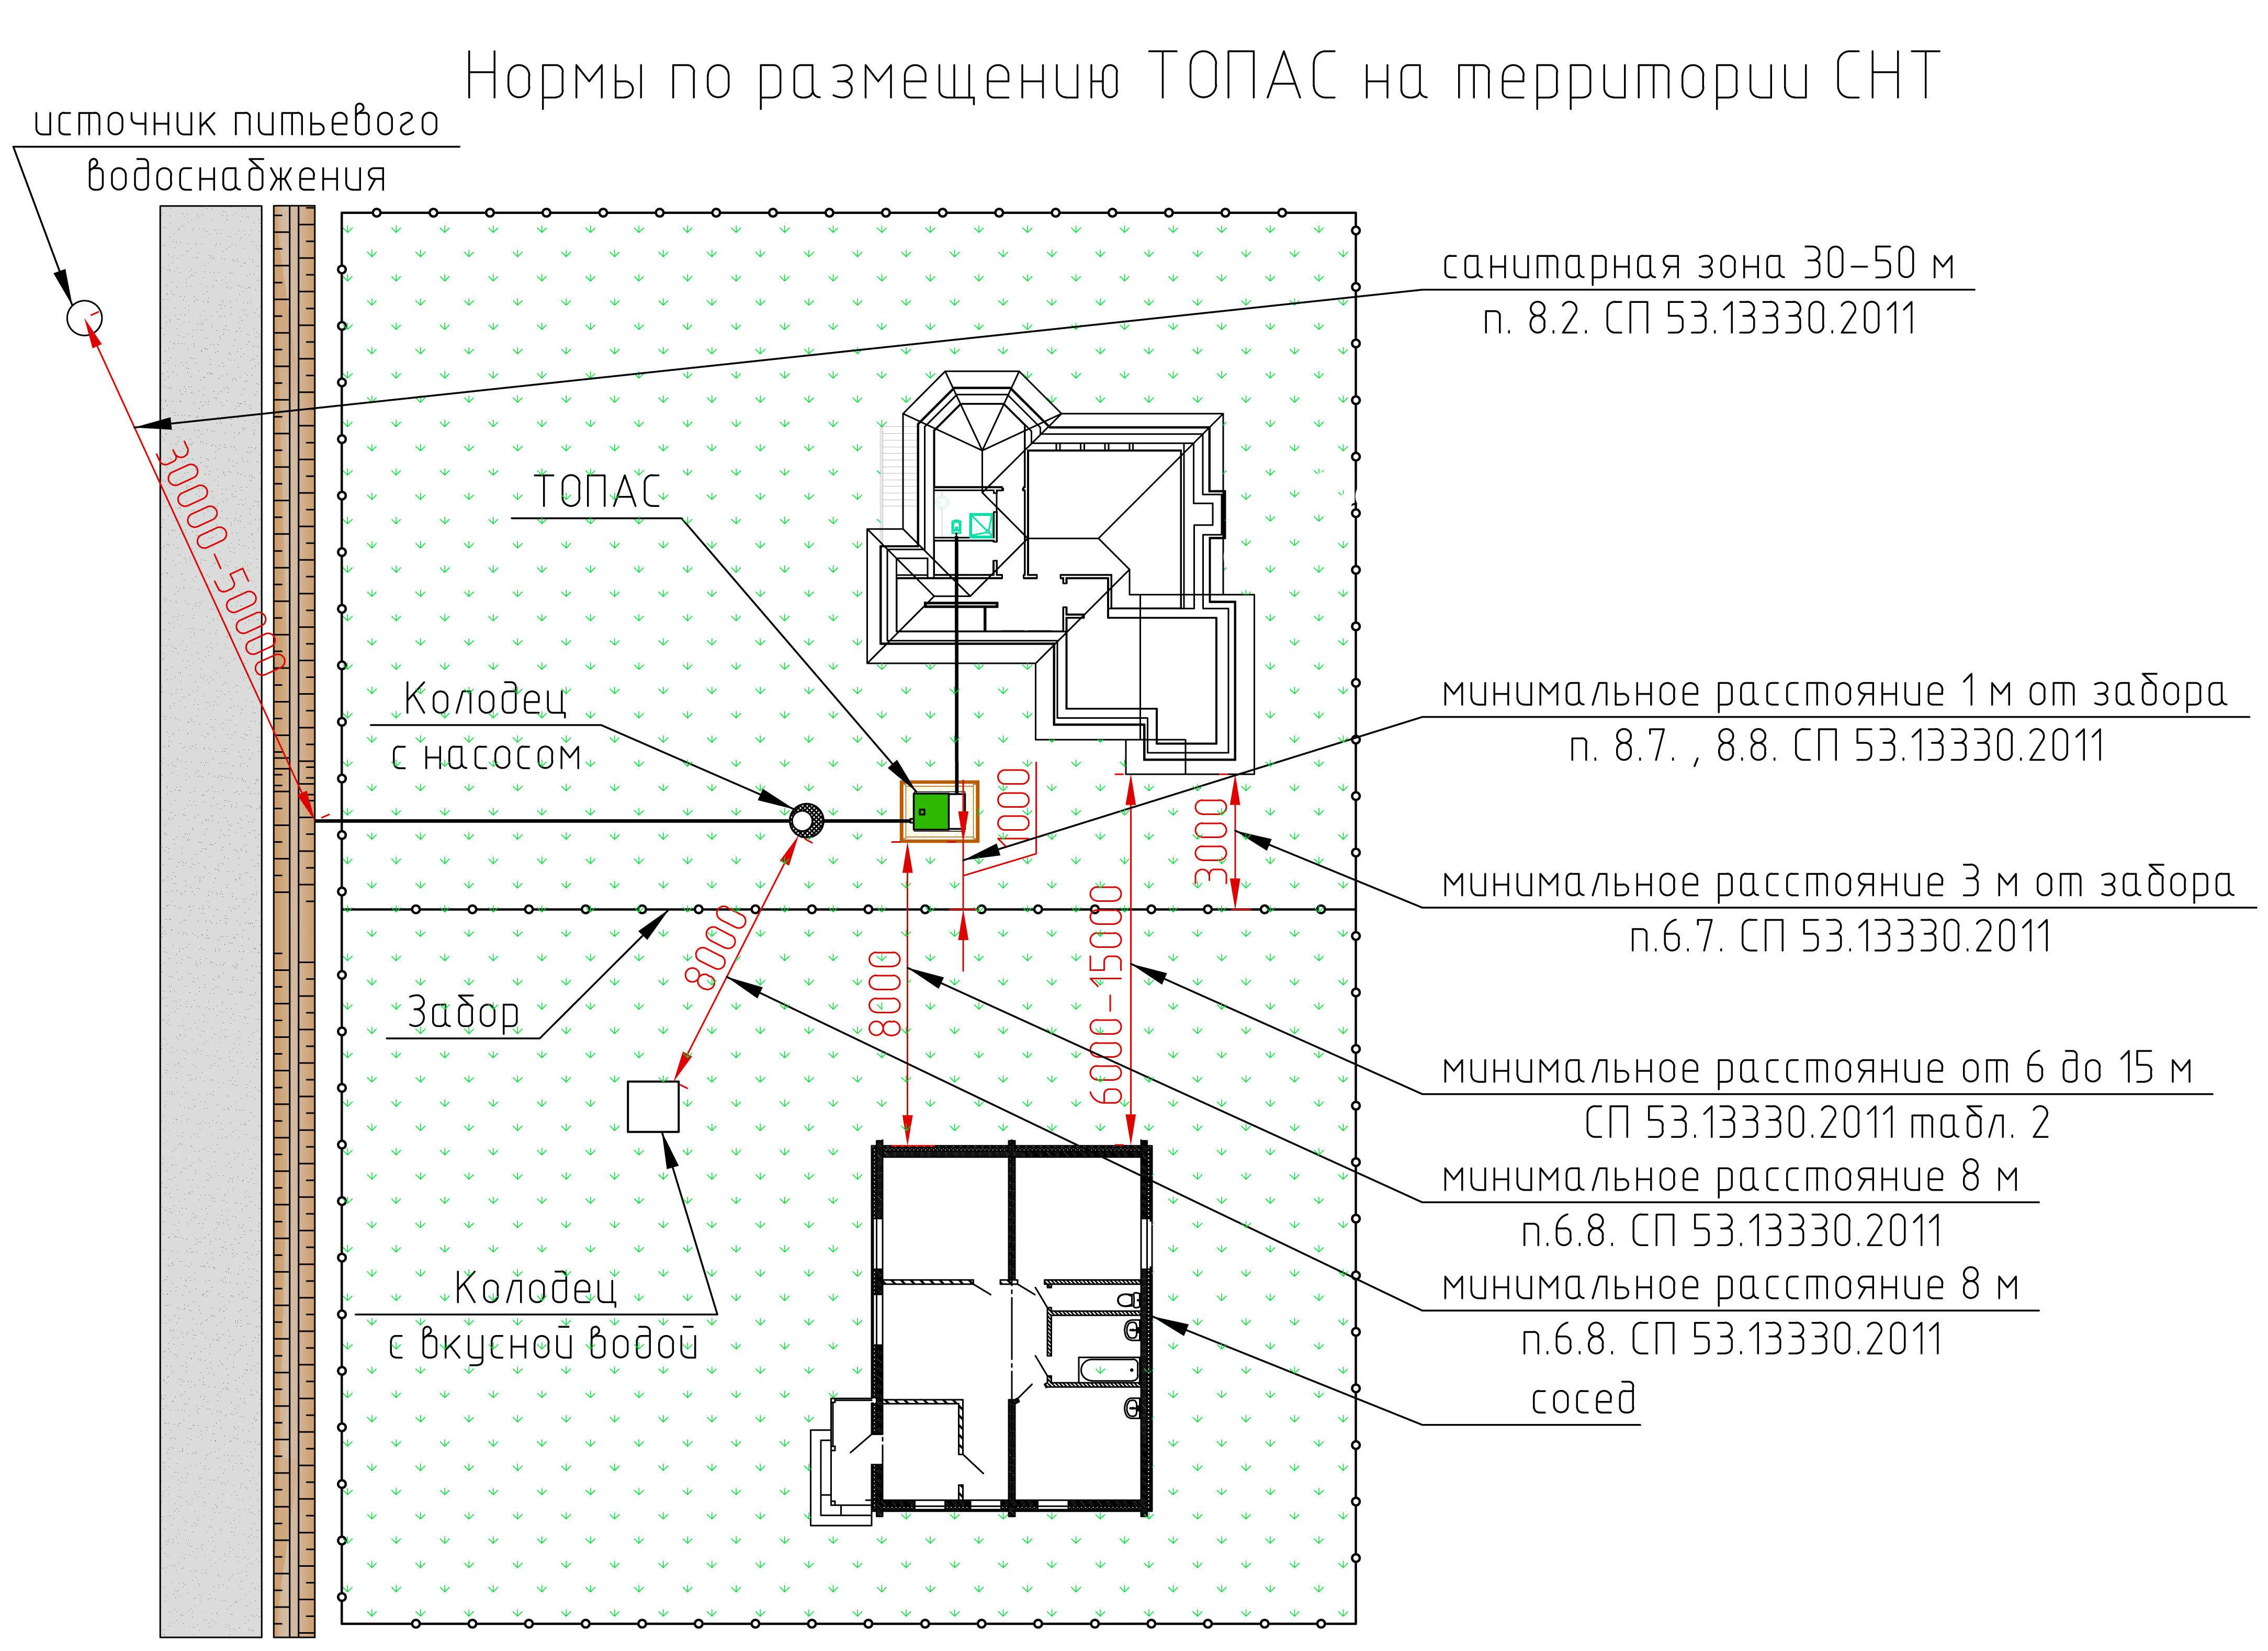 Как расположить септик на участка с соблюдением норм СНиП и СанПиН